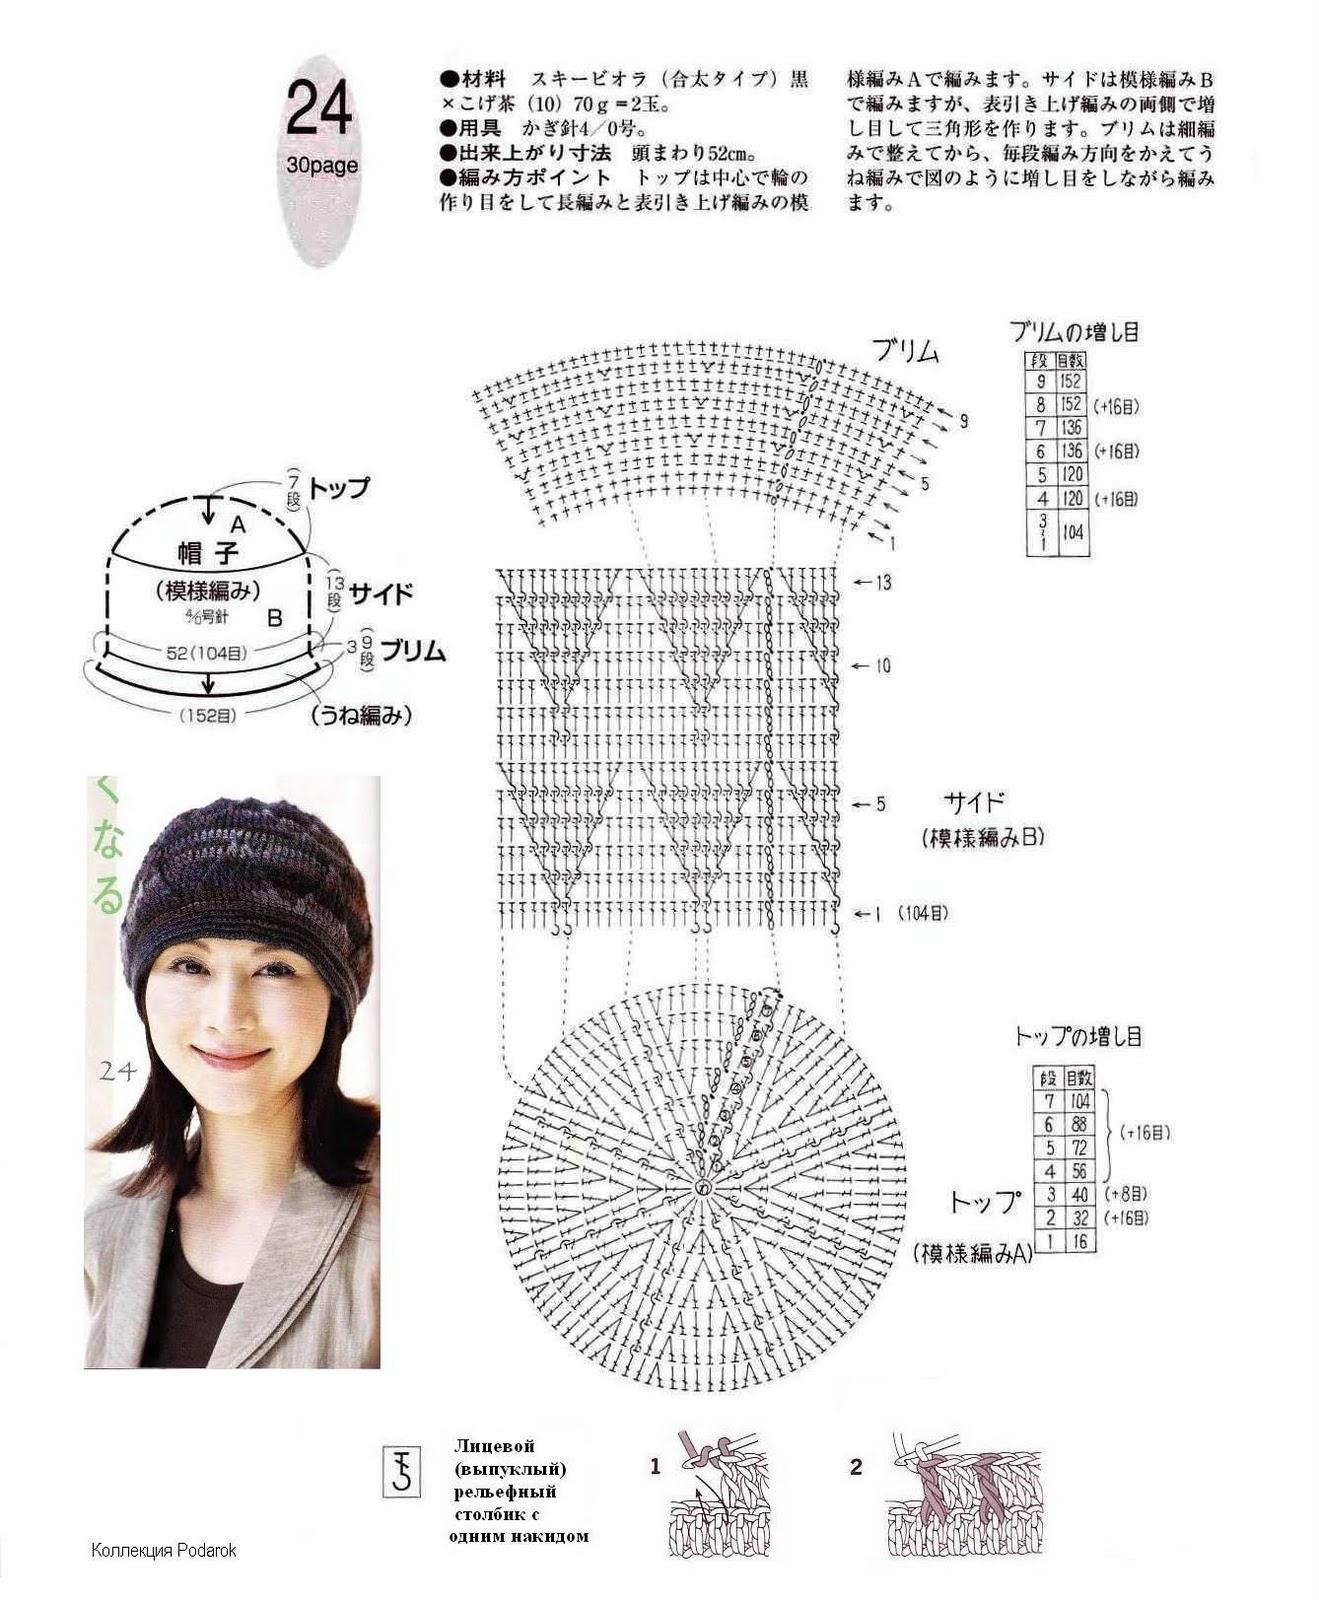 Как сделать прозрачный силиконовый чехол матовым